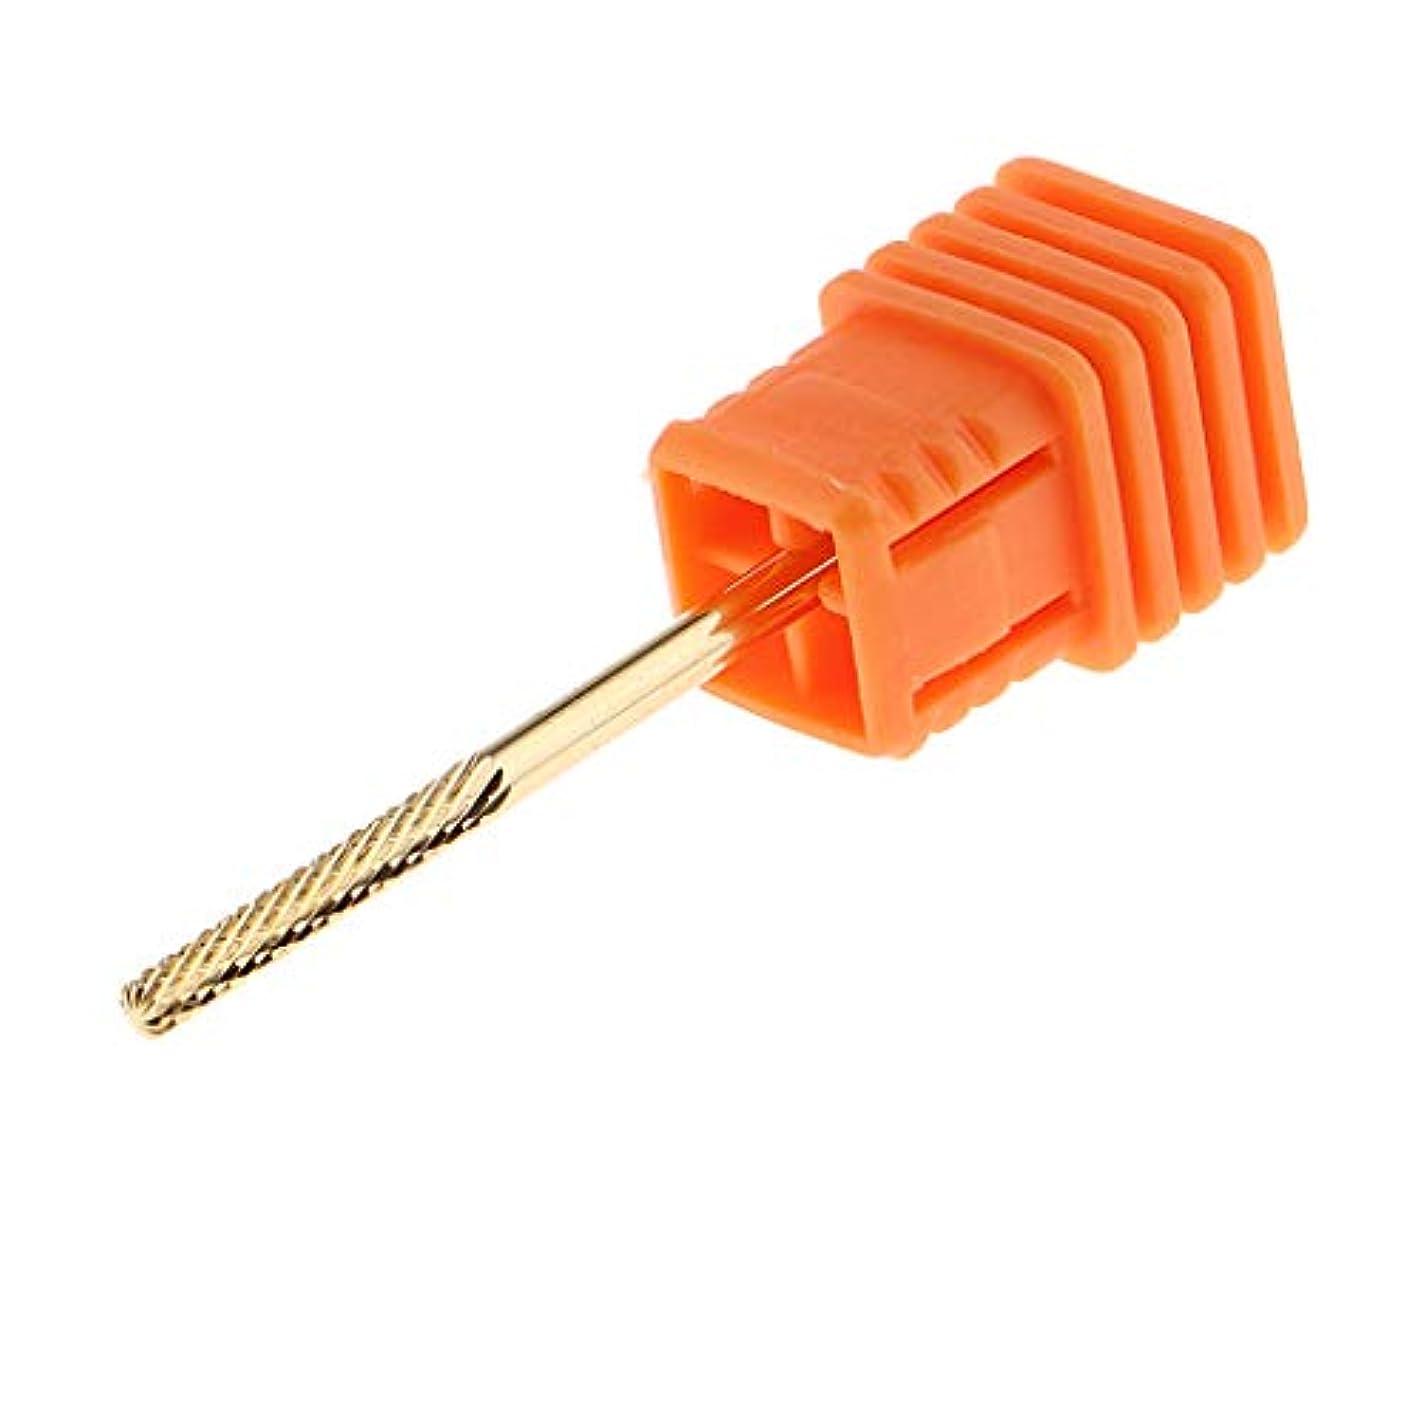 削る信頼性真実に1x超硬ネイルドリルビットキューティクルクレンジングポリッシングジェル除去マニキュアペディキュアツール、4スタイルオプション - A12